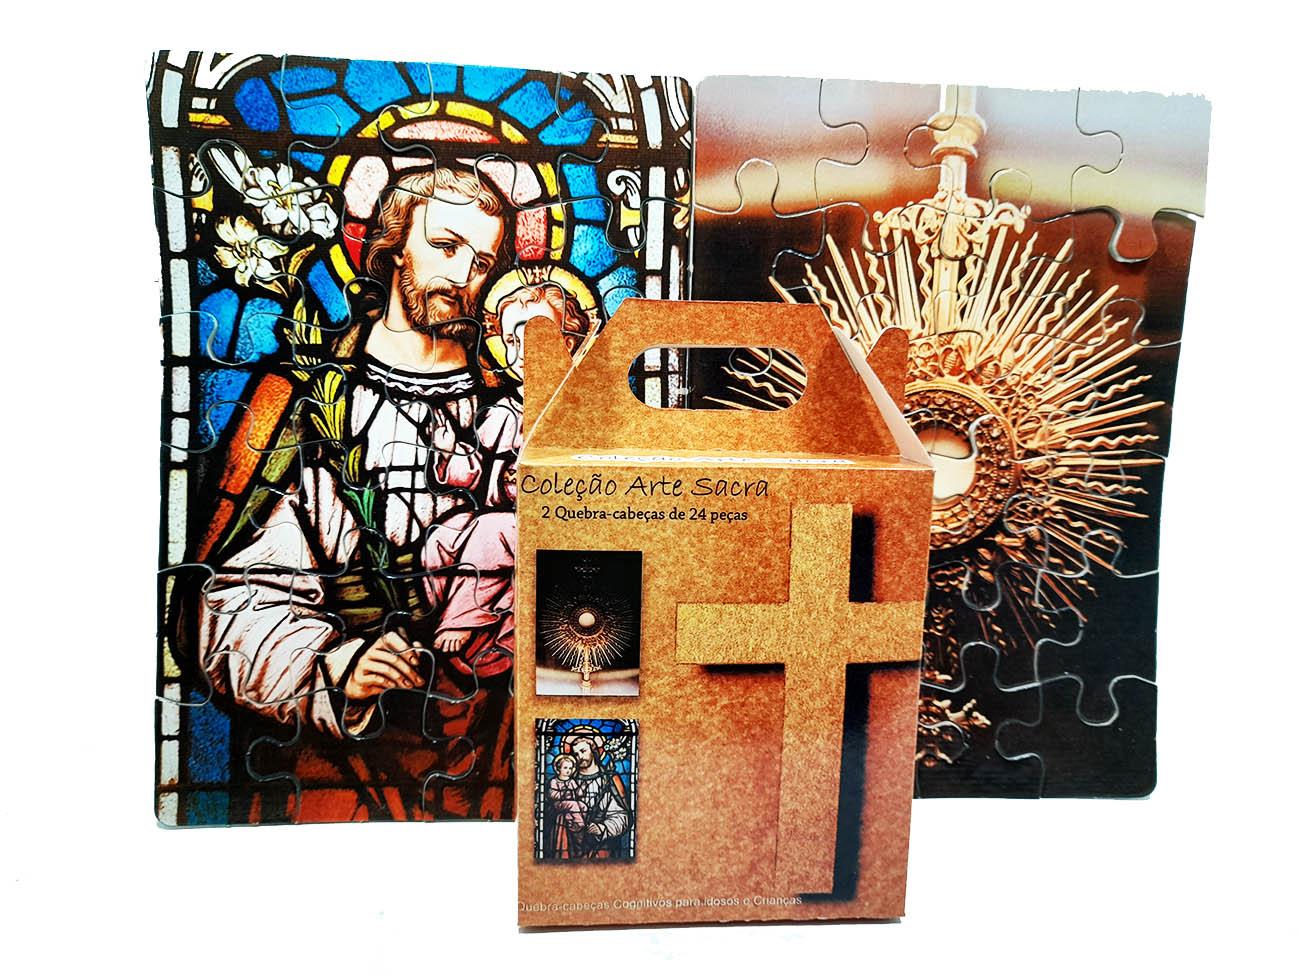 Quebra-Cabeça Arte Sacra Cognitivo Reabilitação para Idosos - Arte Sacra 48 peças